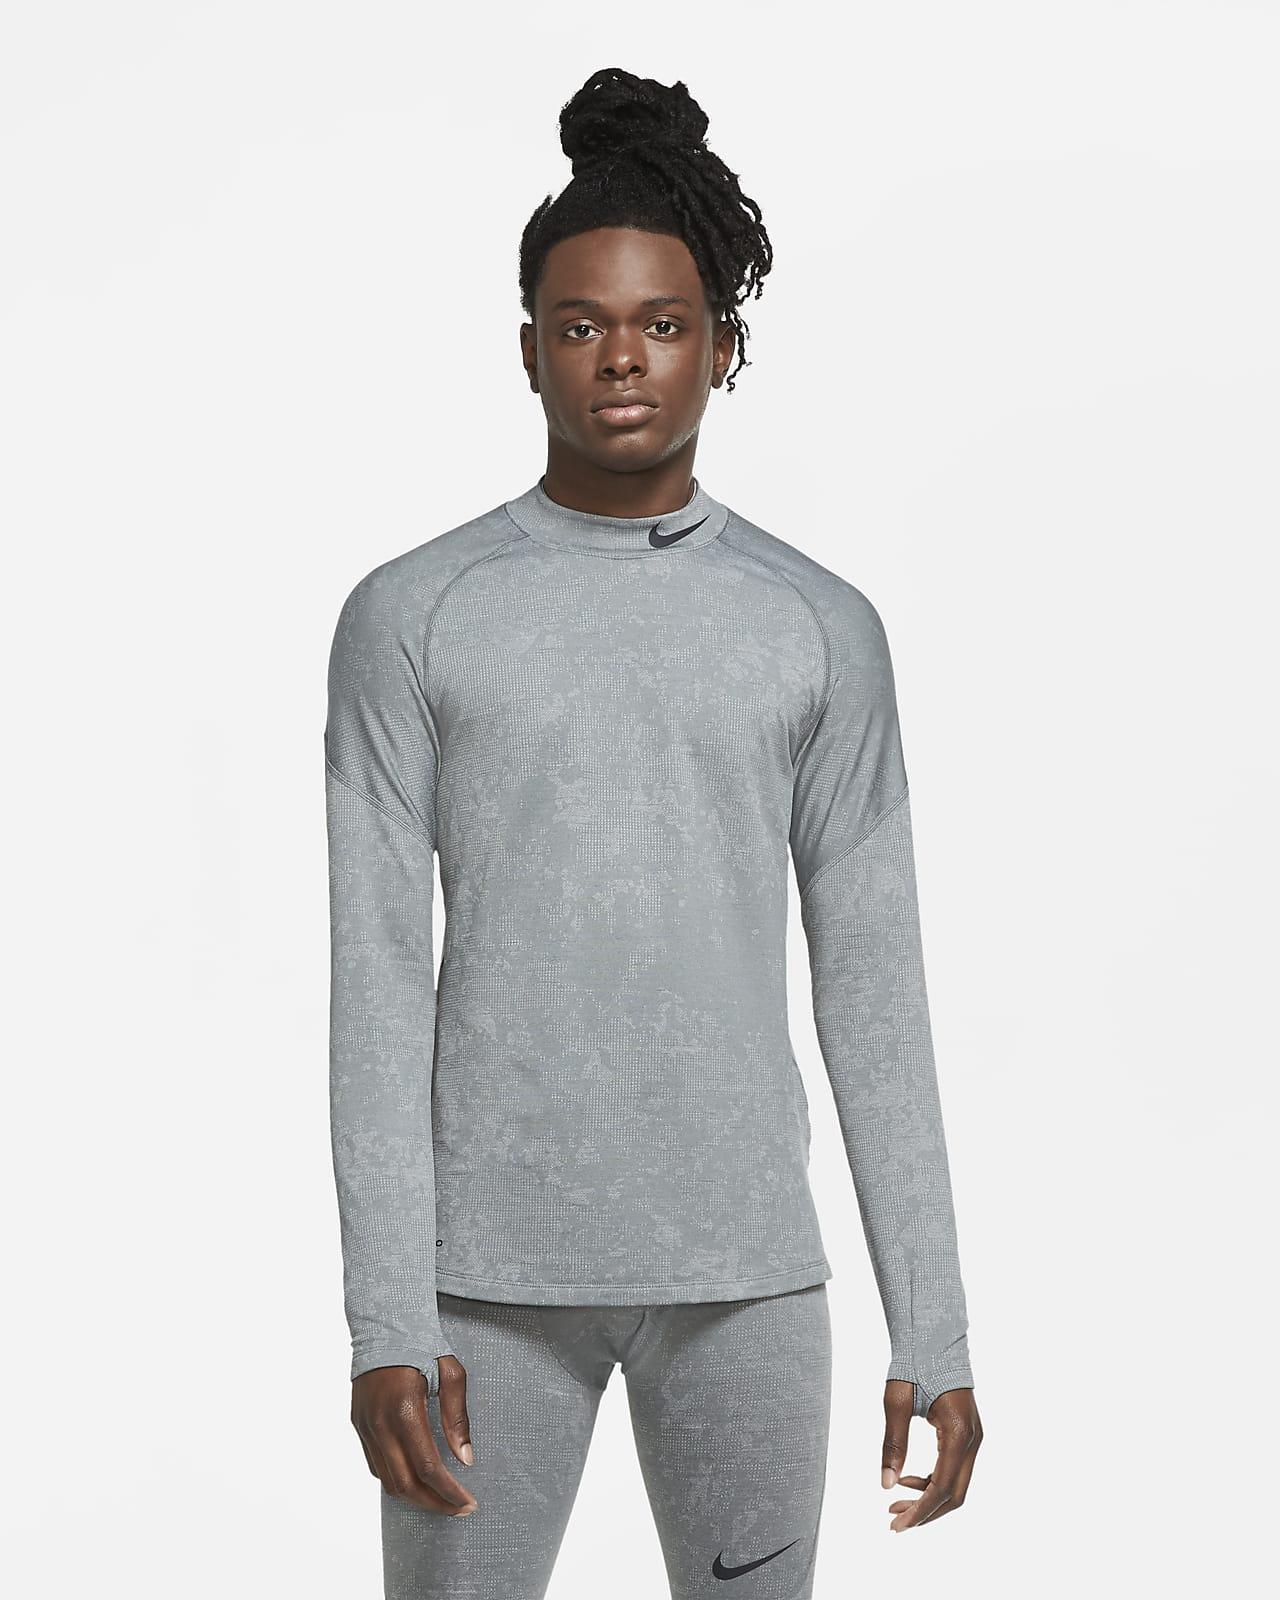 Мужская футболка с длинным рукавом для тренинга Nike Pro Warm Utility